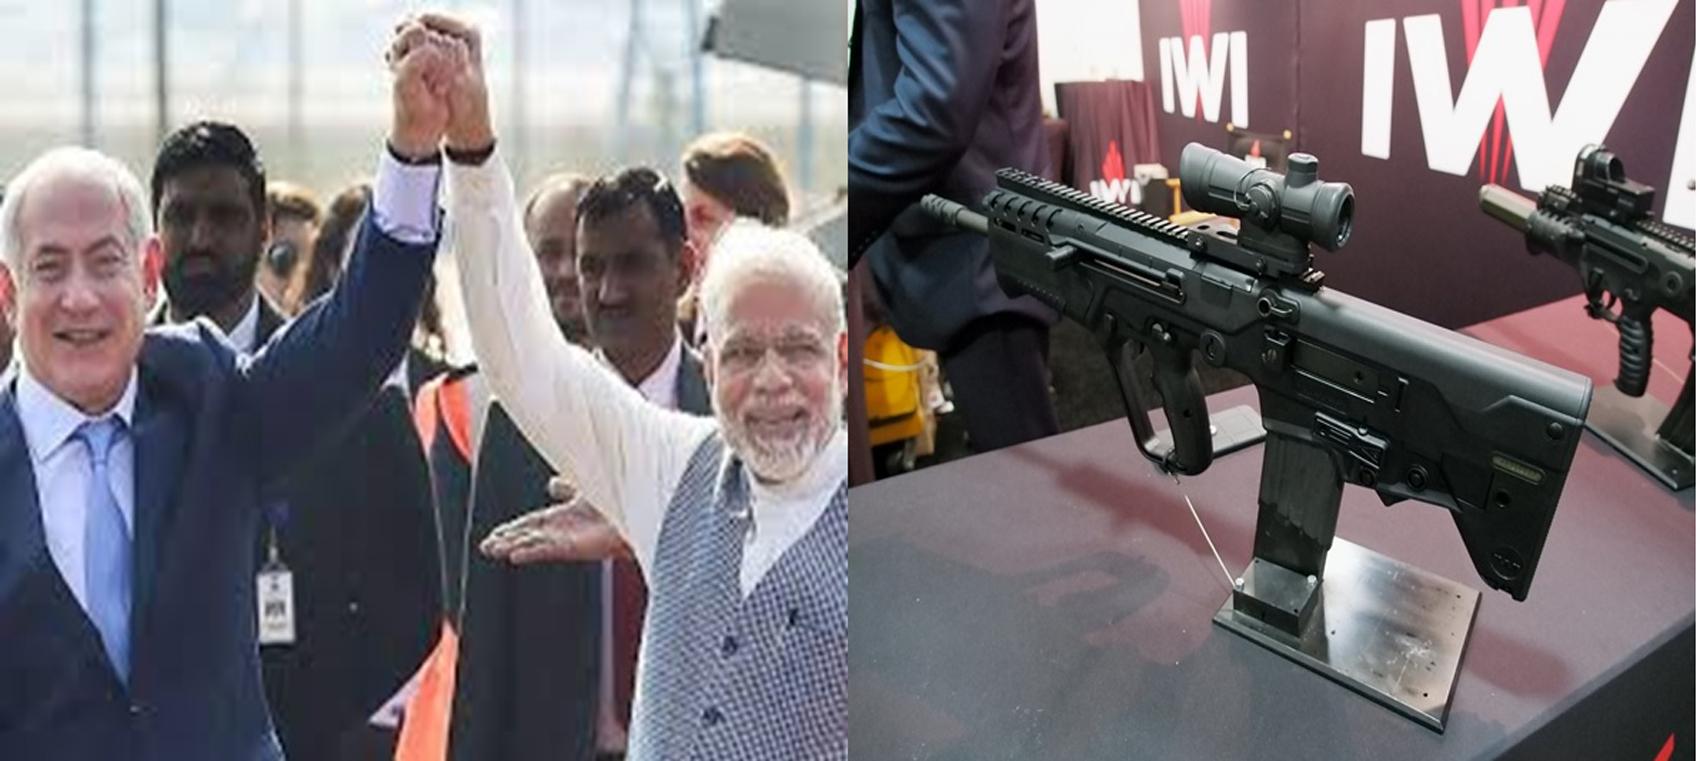 कोरोना महामारी के बीच भारत का इज़राइल के साथ 880 करोड़ के हथियारों का सौदा।